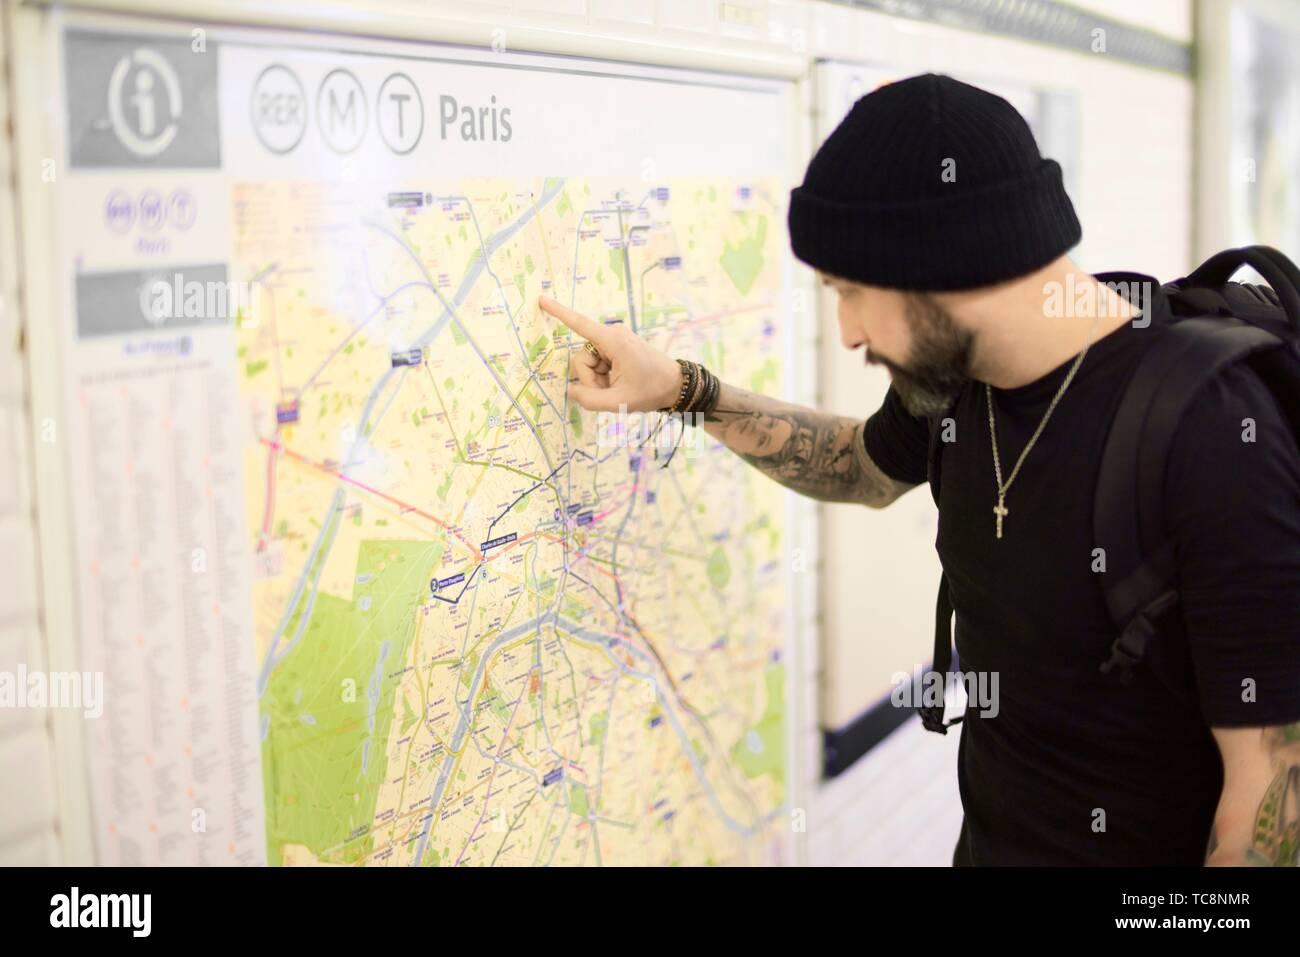 Man Looking At Subway Map.Man Looking At Map In Subway Station Paris France Stock Photo